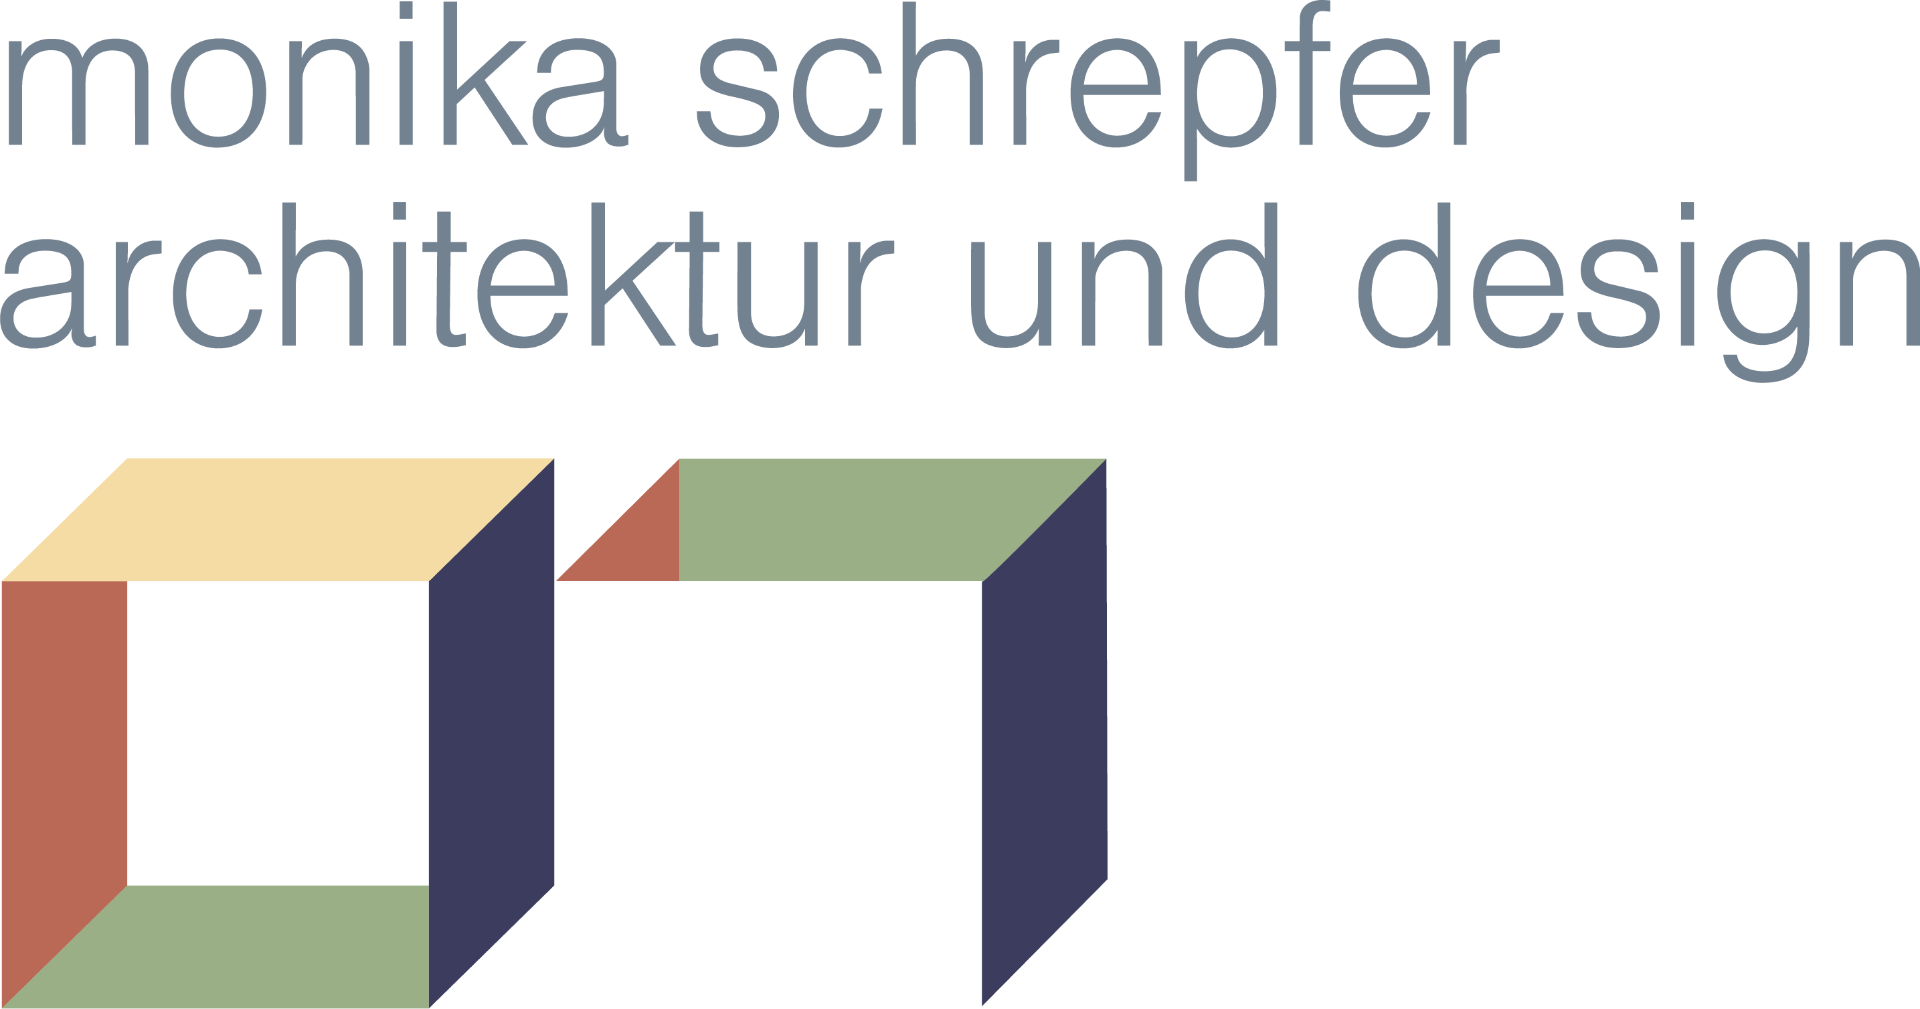 Monika schrepfer architektur und design bauplanung und for Architektur und design